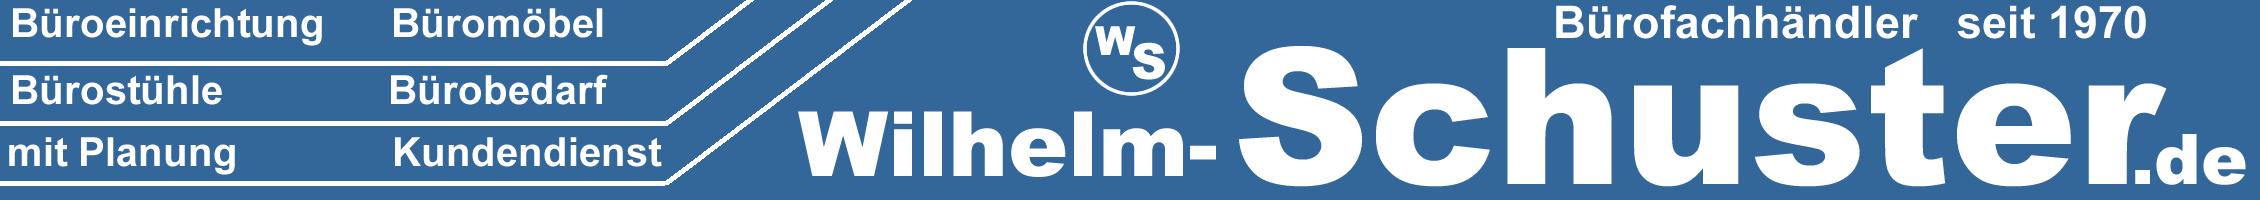 Wilhelm-Schuster Bürofachhändler seit 1970